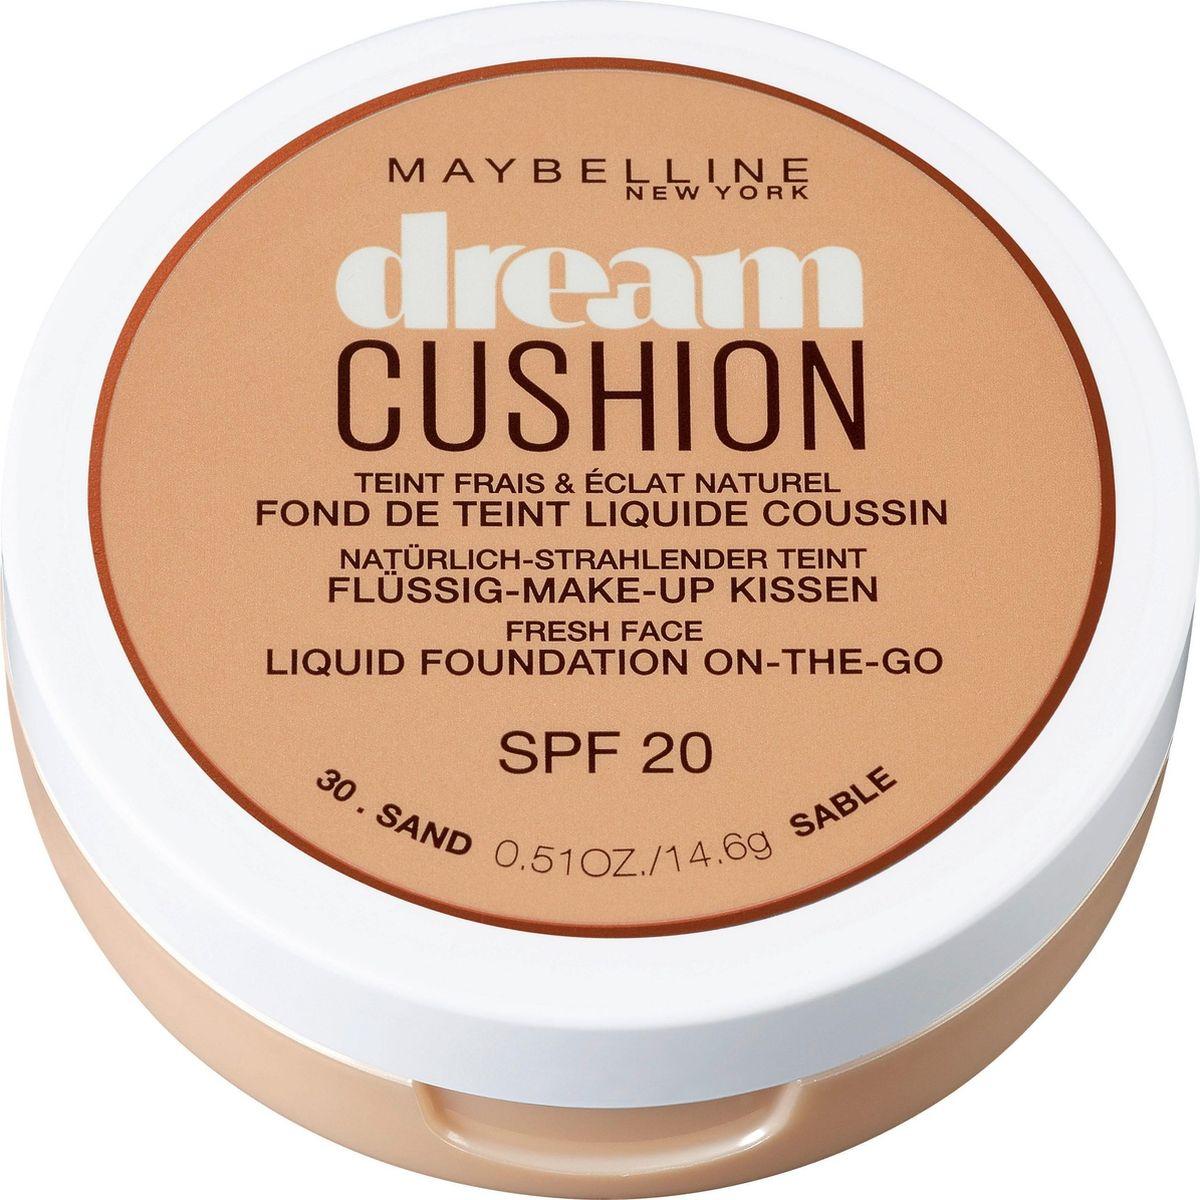 Maybelline New York Тональный крем-кушон для лица Dream Cushion, увлажняющий, оттенок 30 Sand, SPF 20, 14,6 г консилер от несовершенств affinitone оттенок 02 ванильный 2 3г maybelline new york